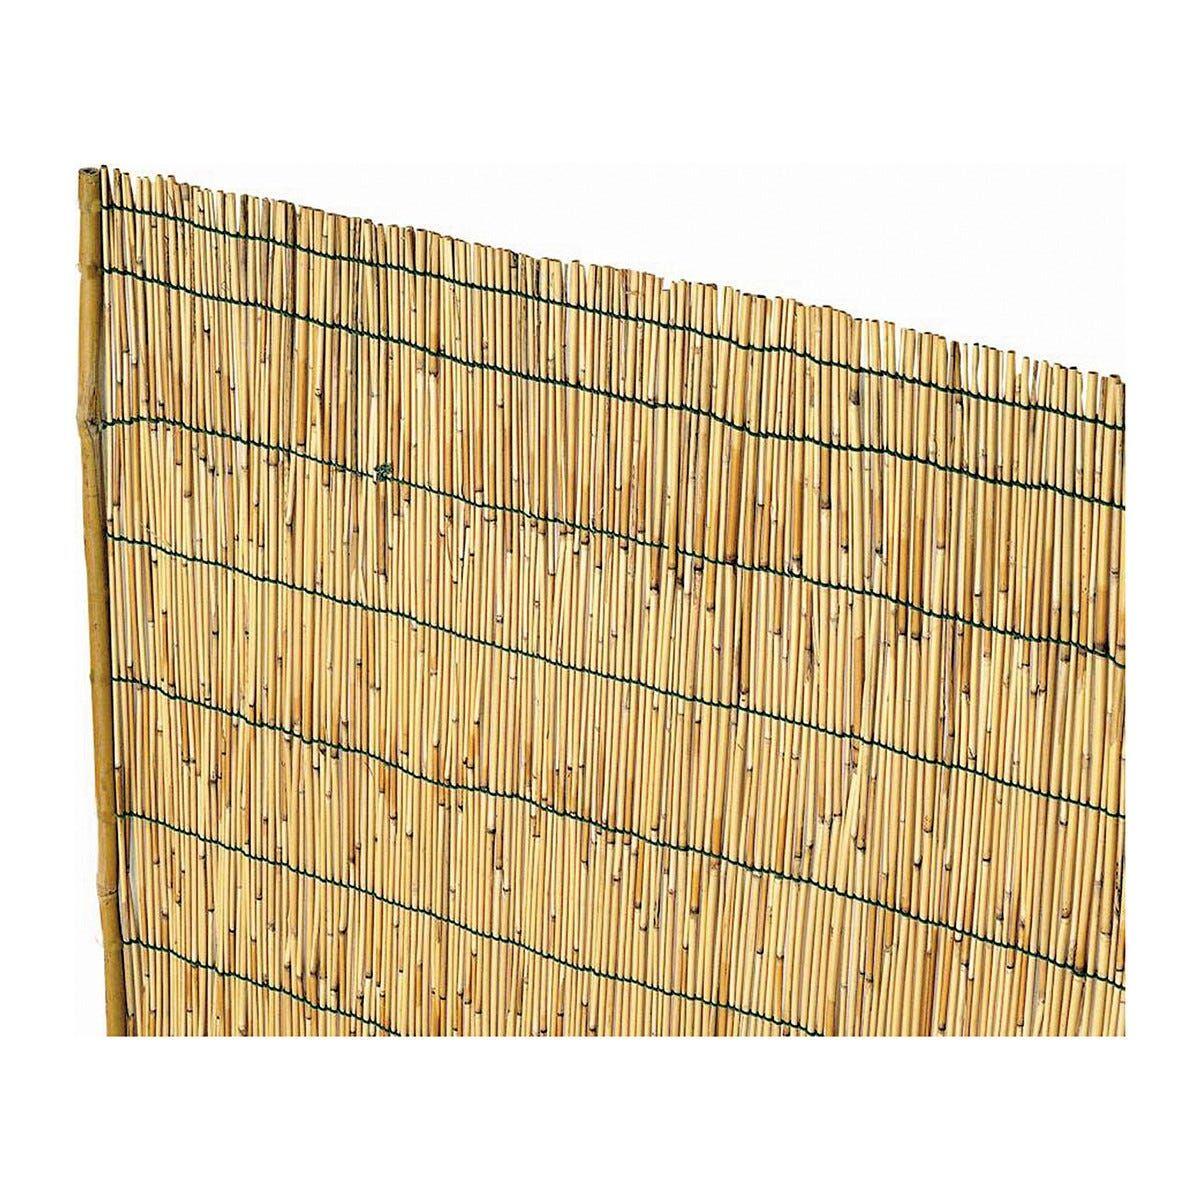 Arella In Cannette Di Bambu' Pelato 2x5m Ø Circa 4-5 Mm Con Filo Nylon Prodotto Naturale